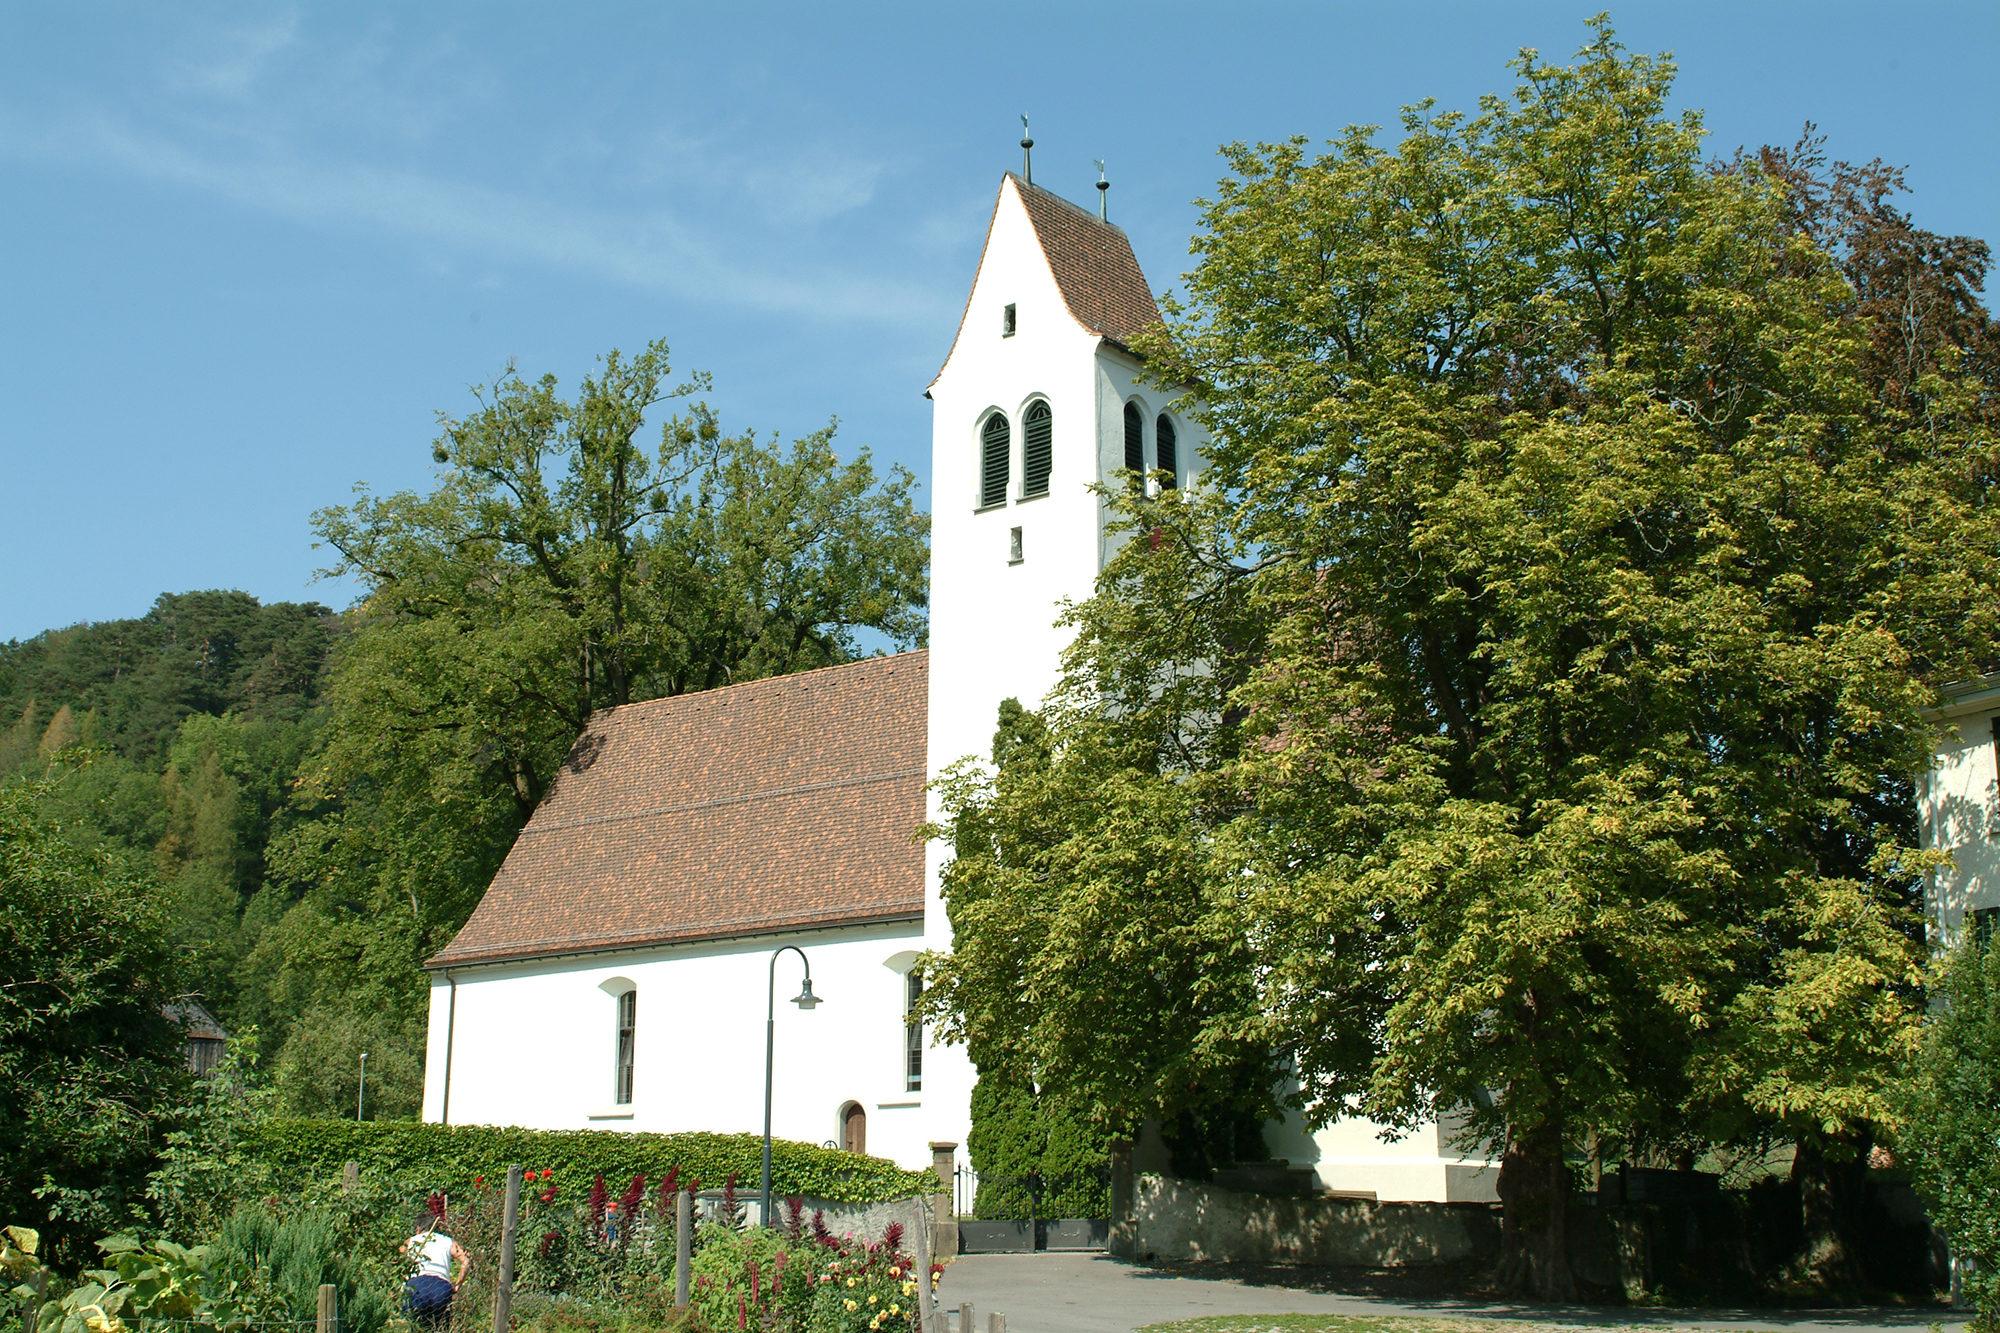 Denkmalschutz – Objekt, Kirche Gretschins